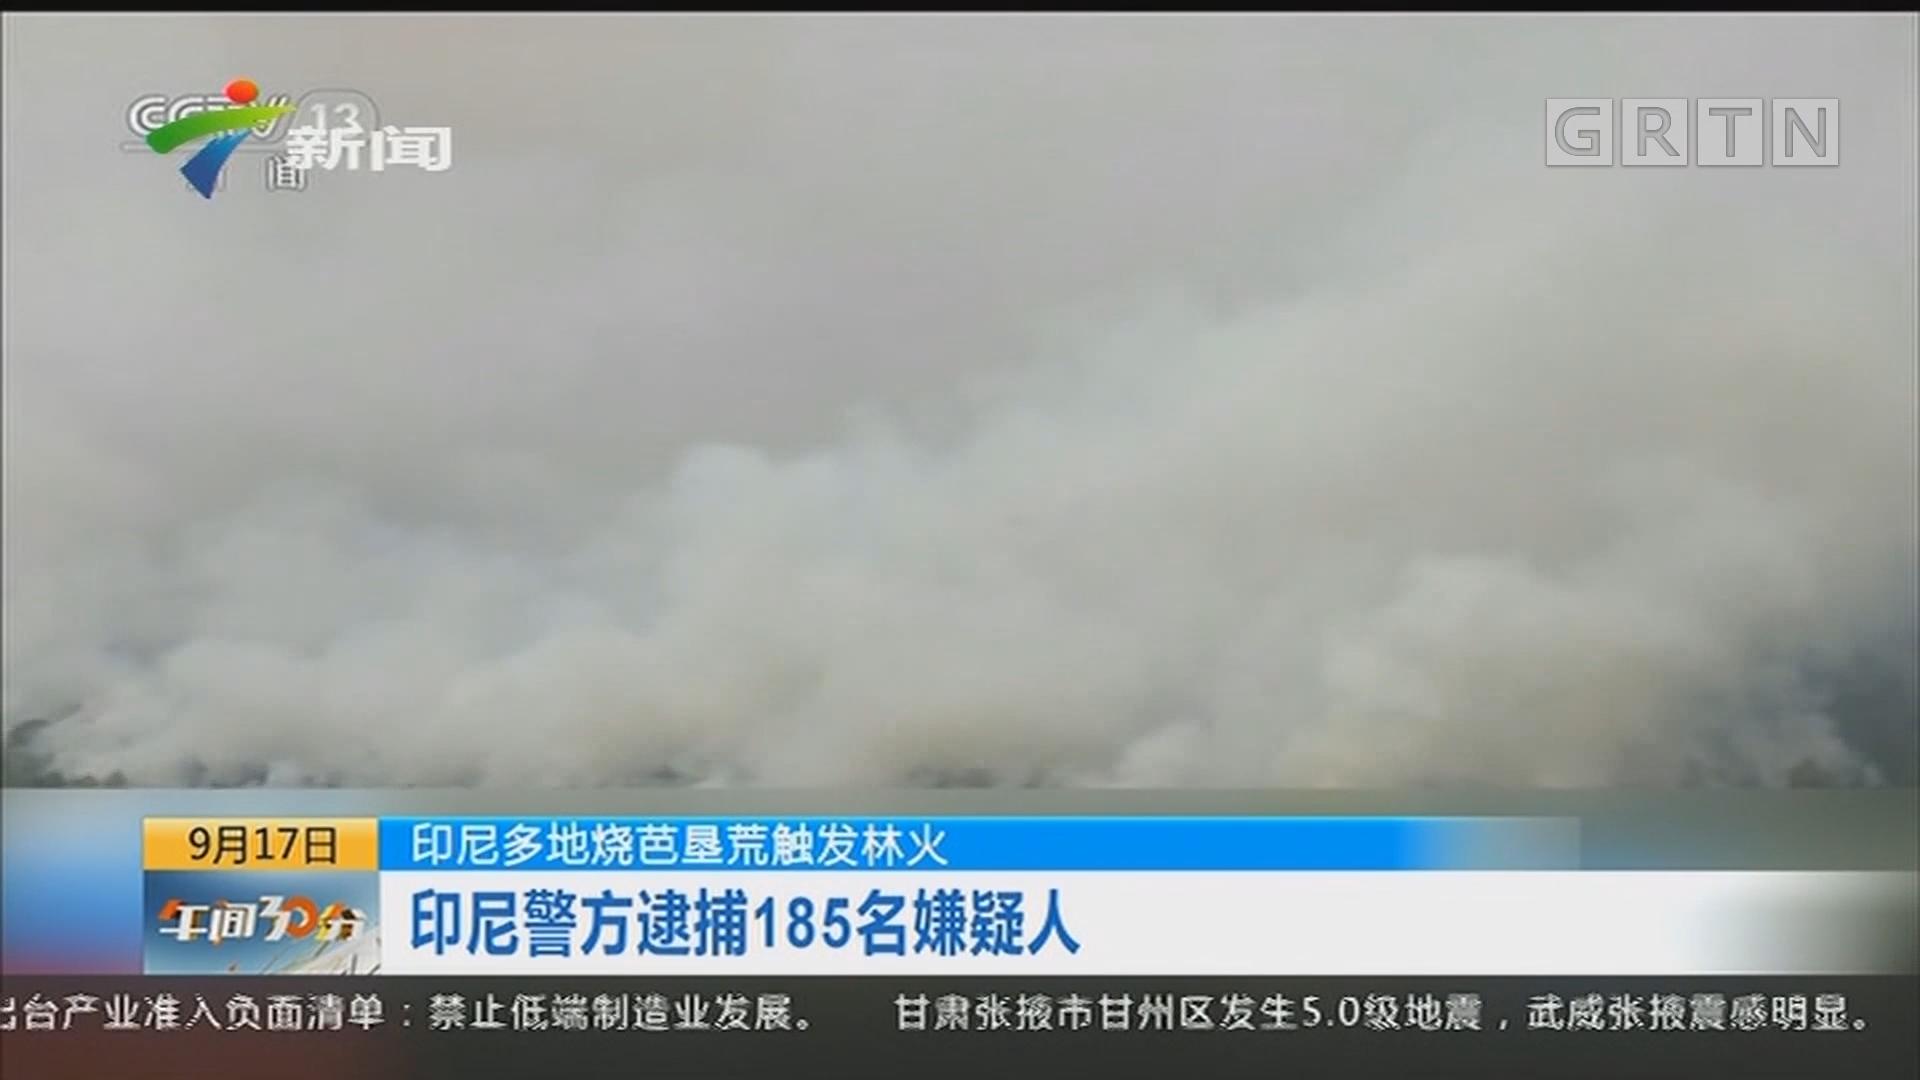 印尼多地烧芭垦荒触发林火:印尼警方逮捕185名嫌疑人